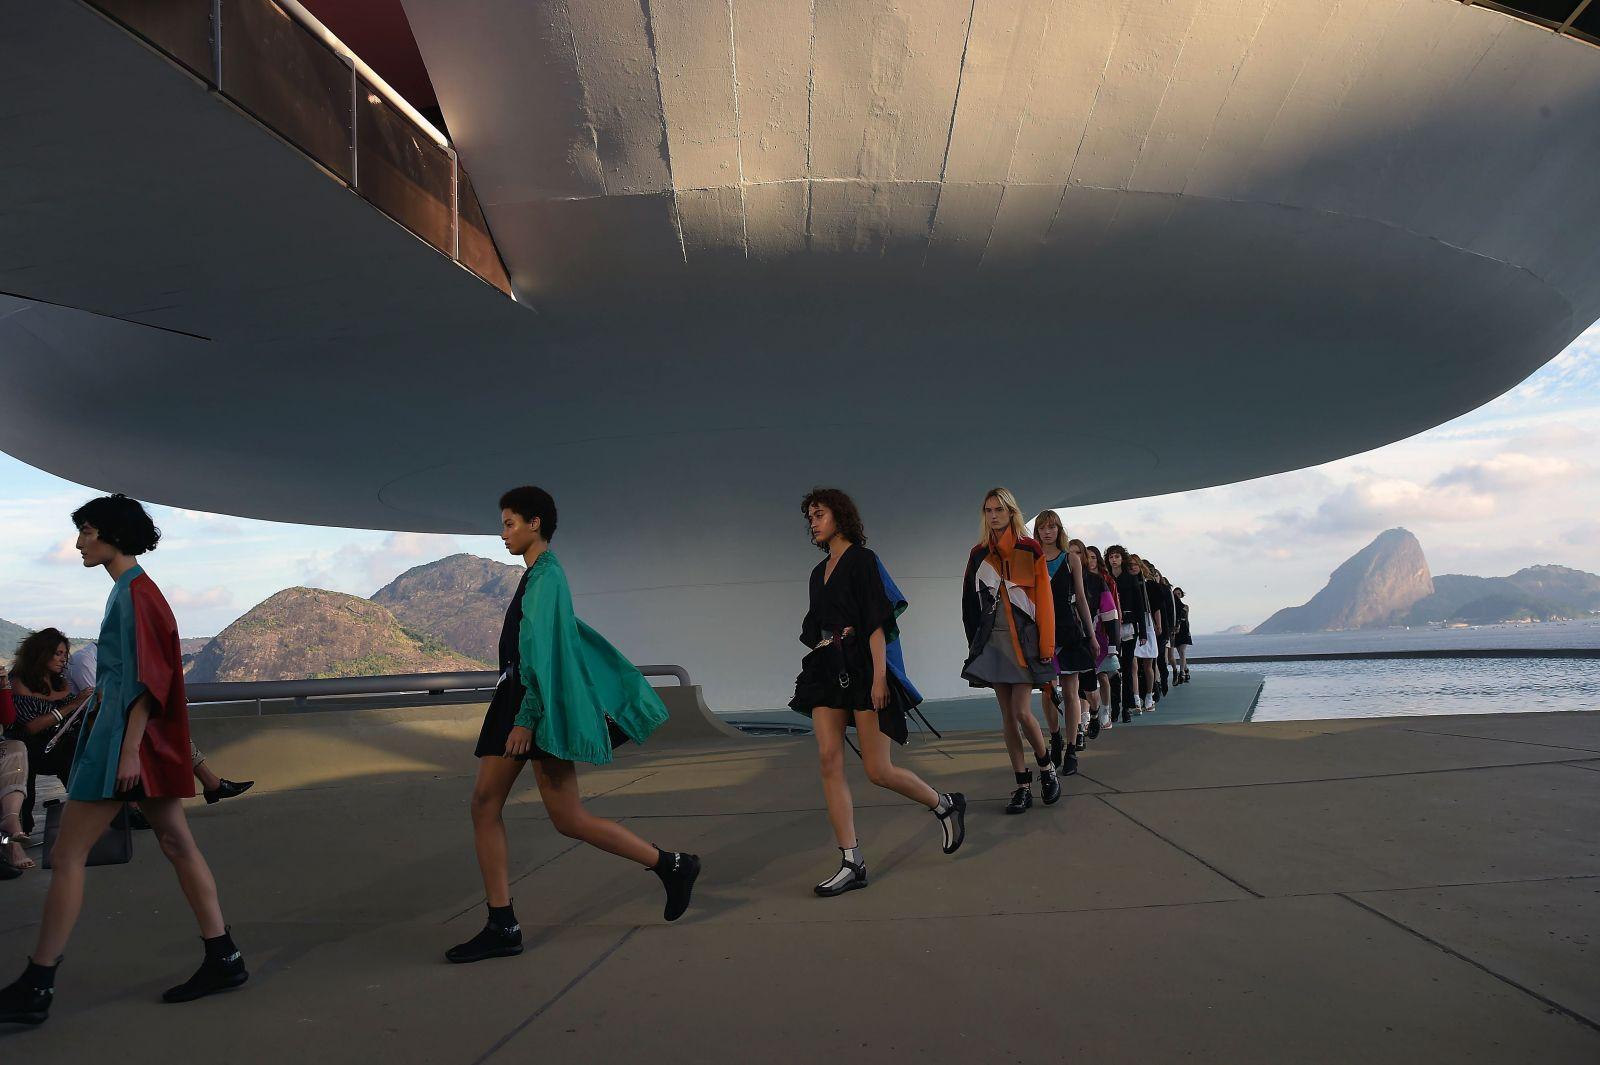 Всемирная пропаганда спорта: показ новой коллекции Louis Vuitton Resort 2017 в Рио-де-Жанейро